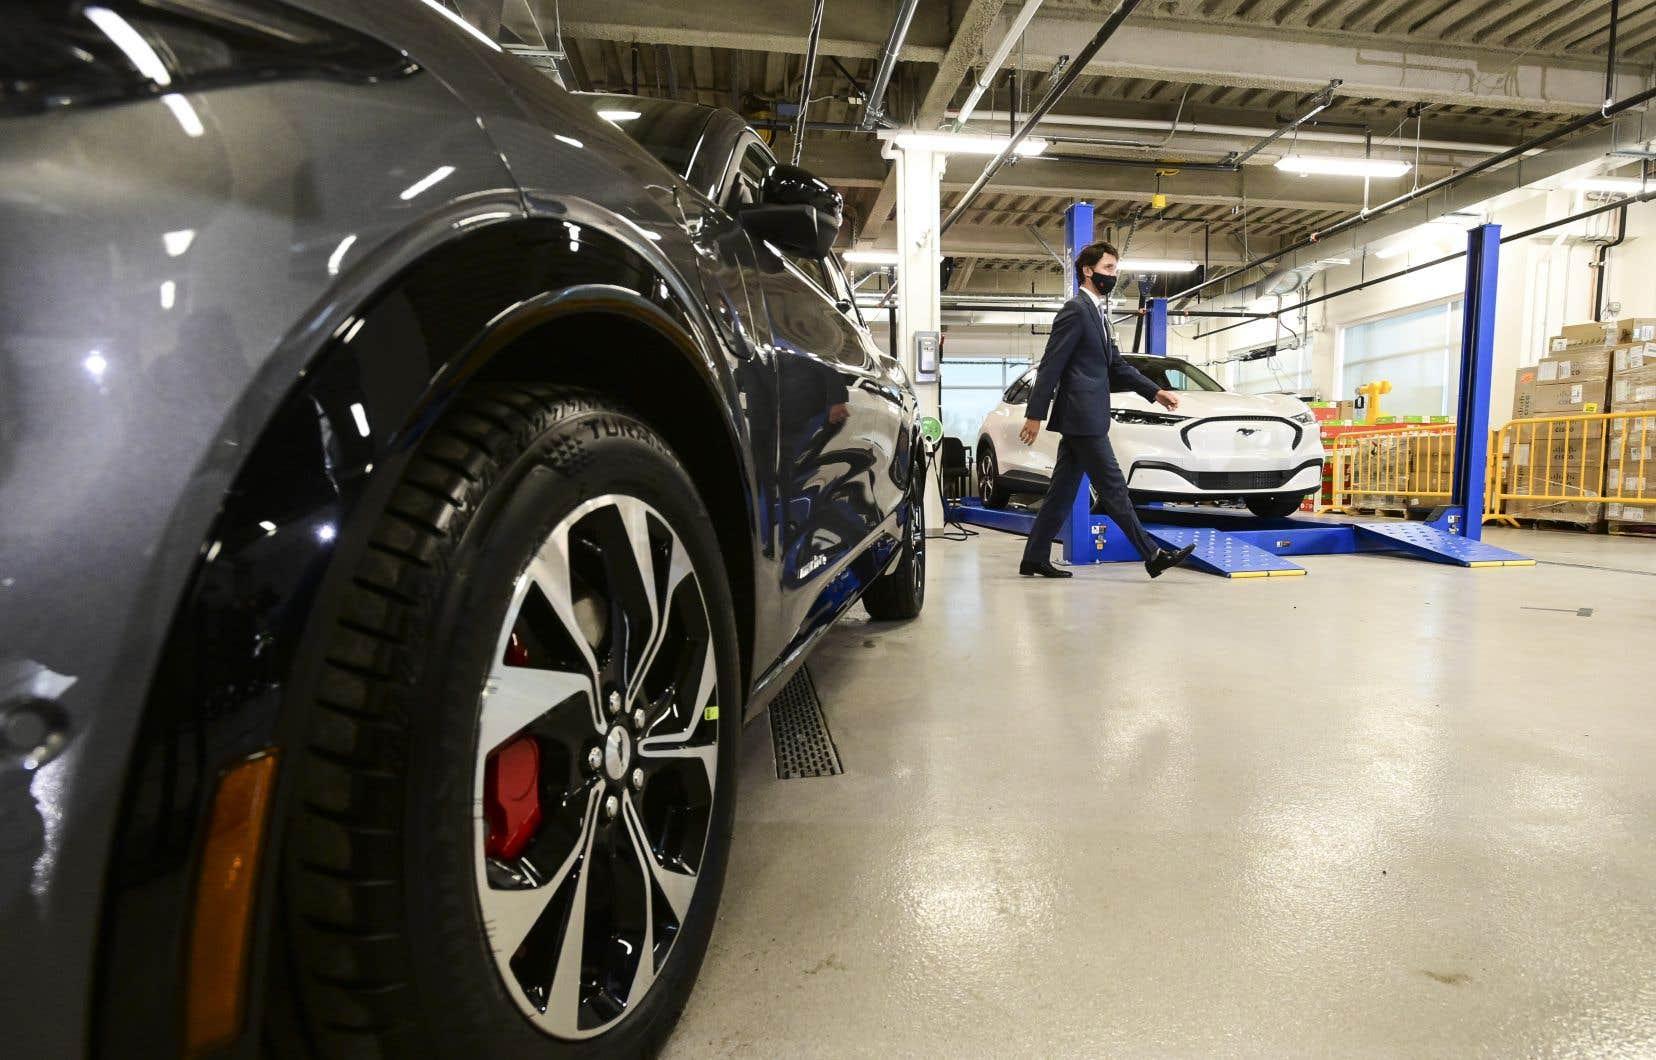 Le premier  ministre Justin Trudeau  a présenté  l'annonce  comme  une bonne  nouvelle pour  le secteur  québécois  de l'aluminium.